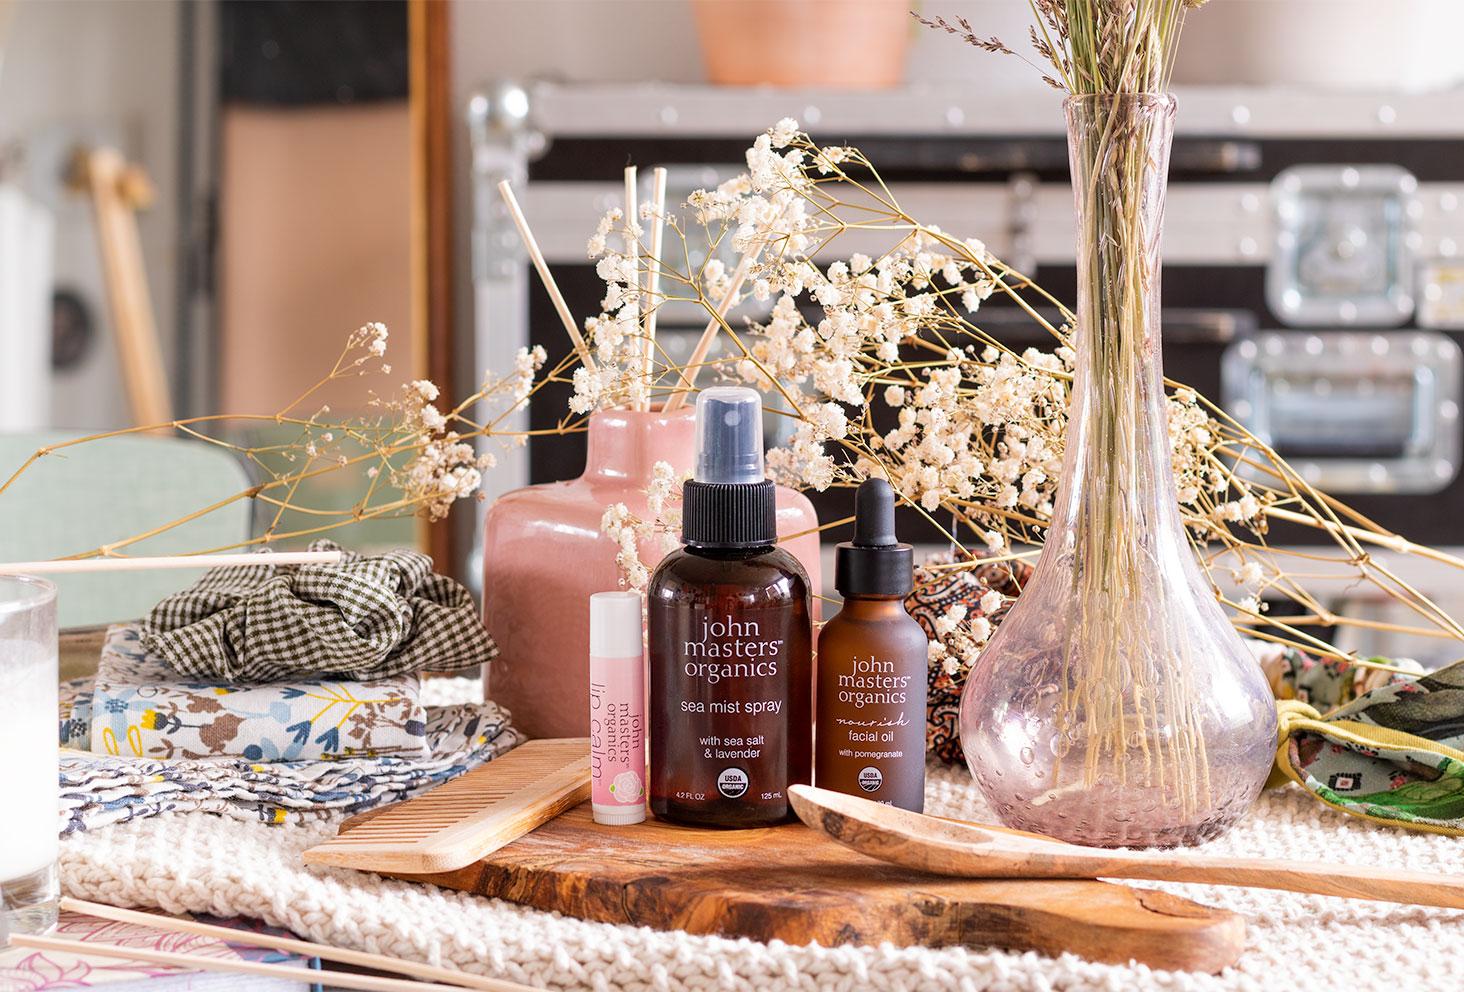 Les soins John Masters Organics sur une planche en bois au milieu de fleurs séchées, de déco vintage et d'ustensiles de salle de bain